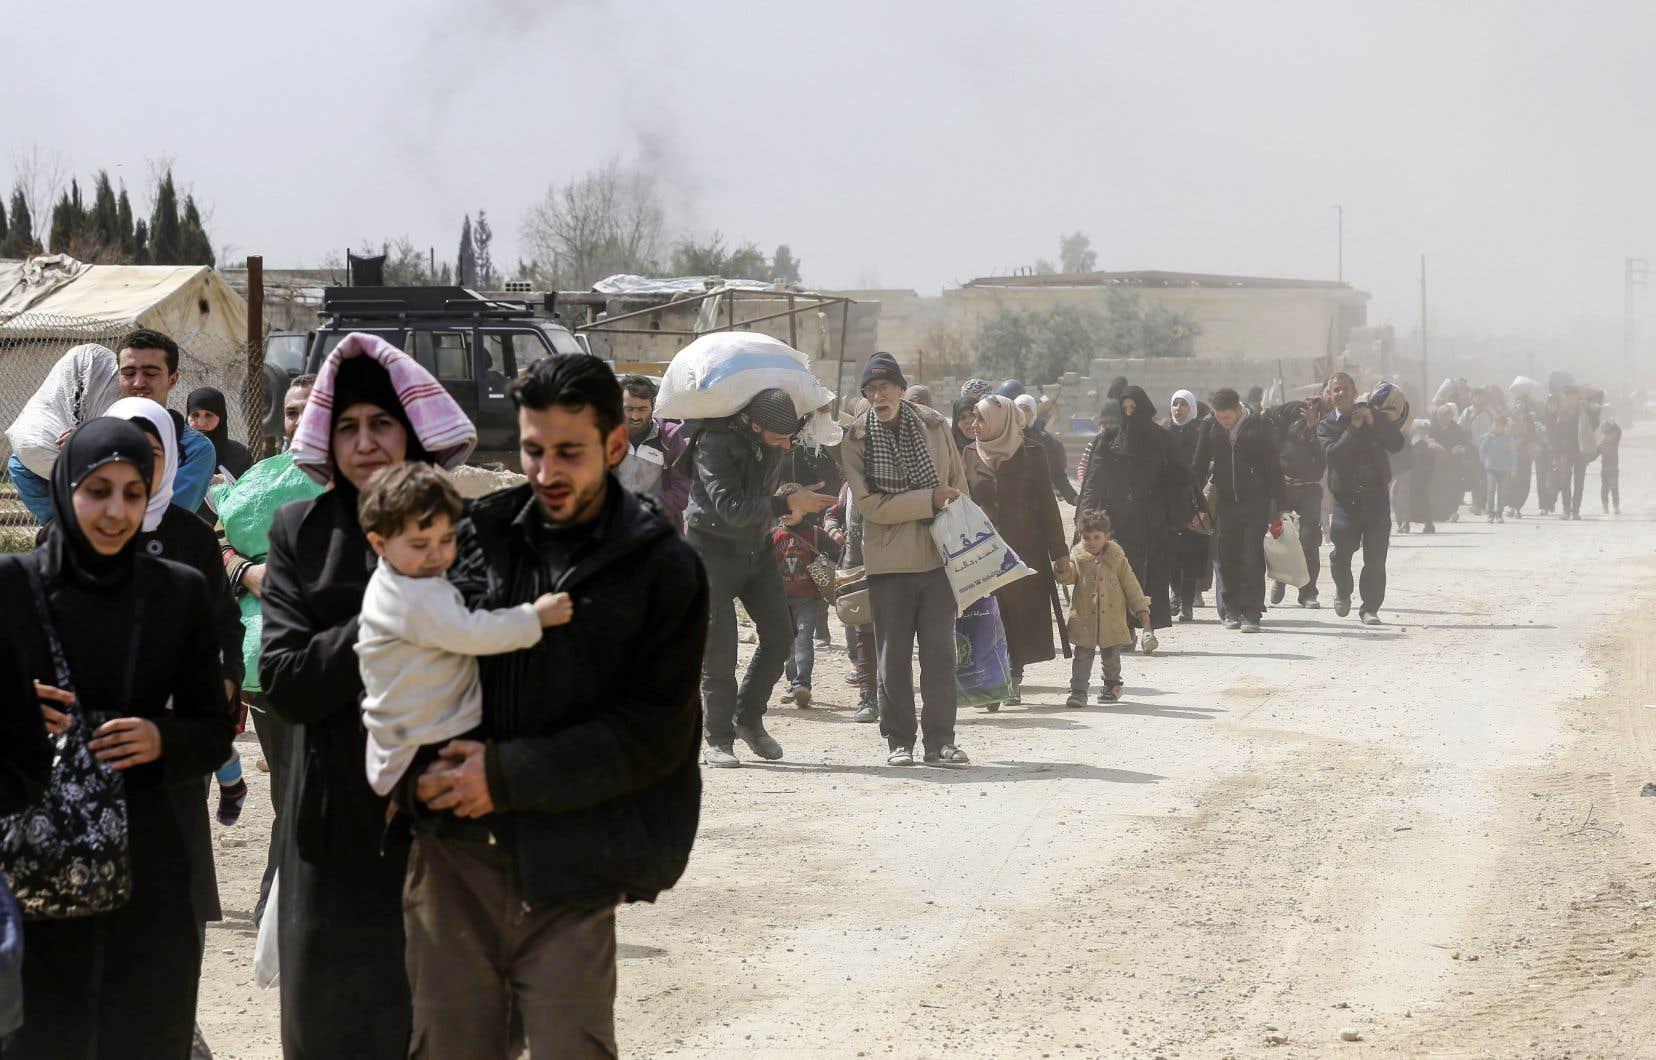 Des familles syriennes épuisées et affamées ont laissé derrière elles des proches et des maisons.